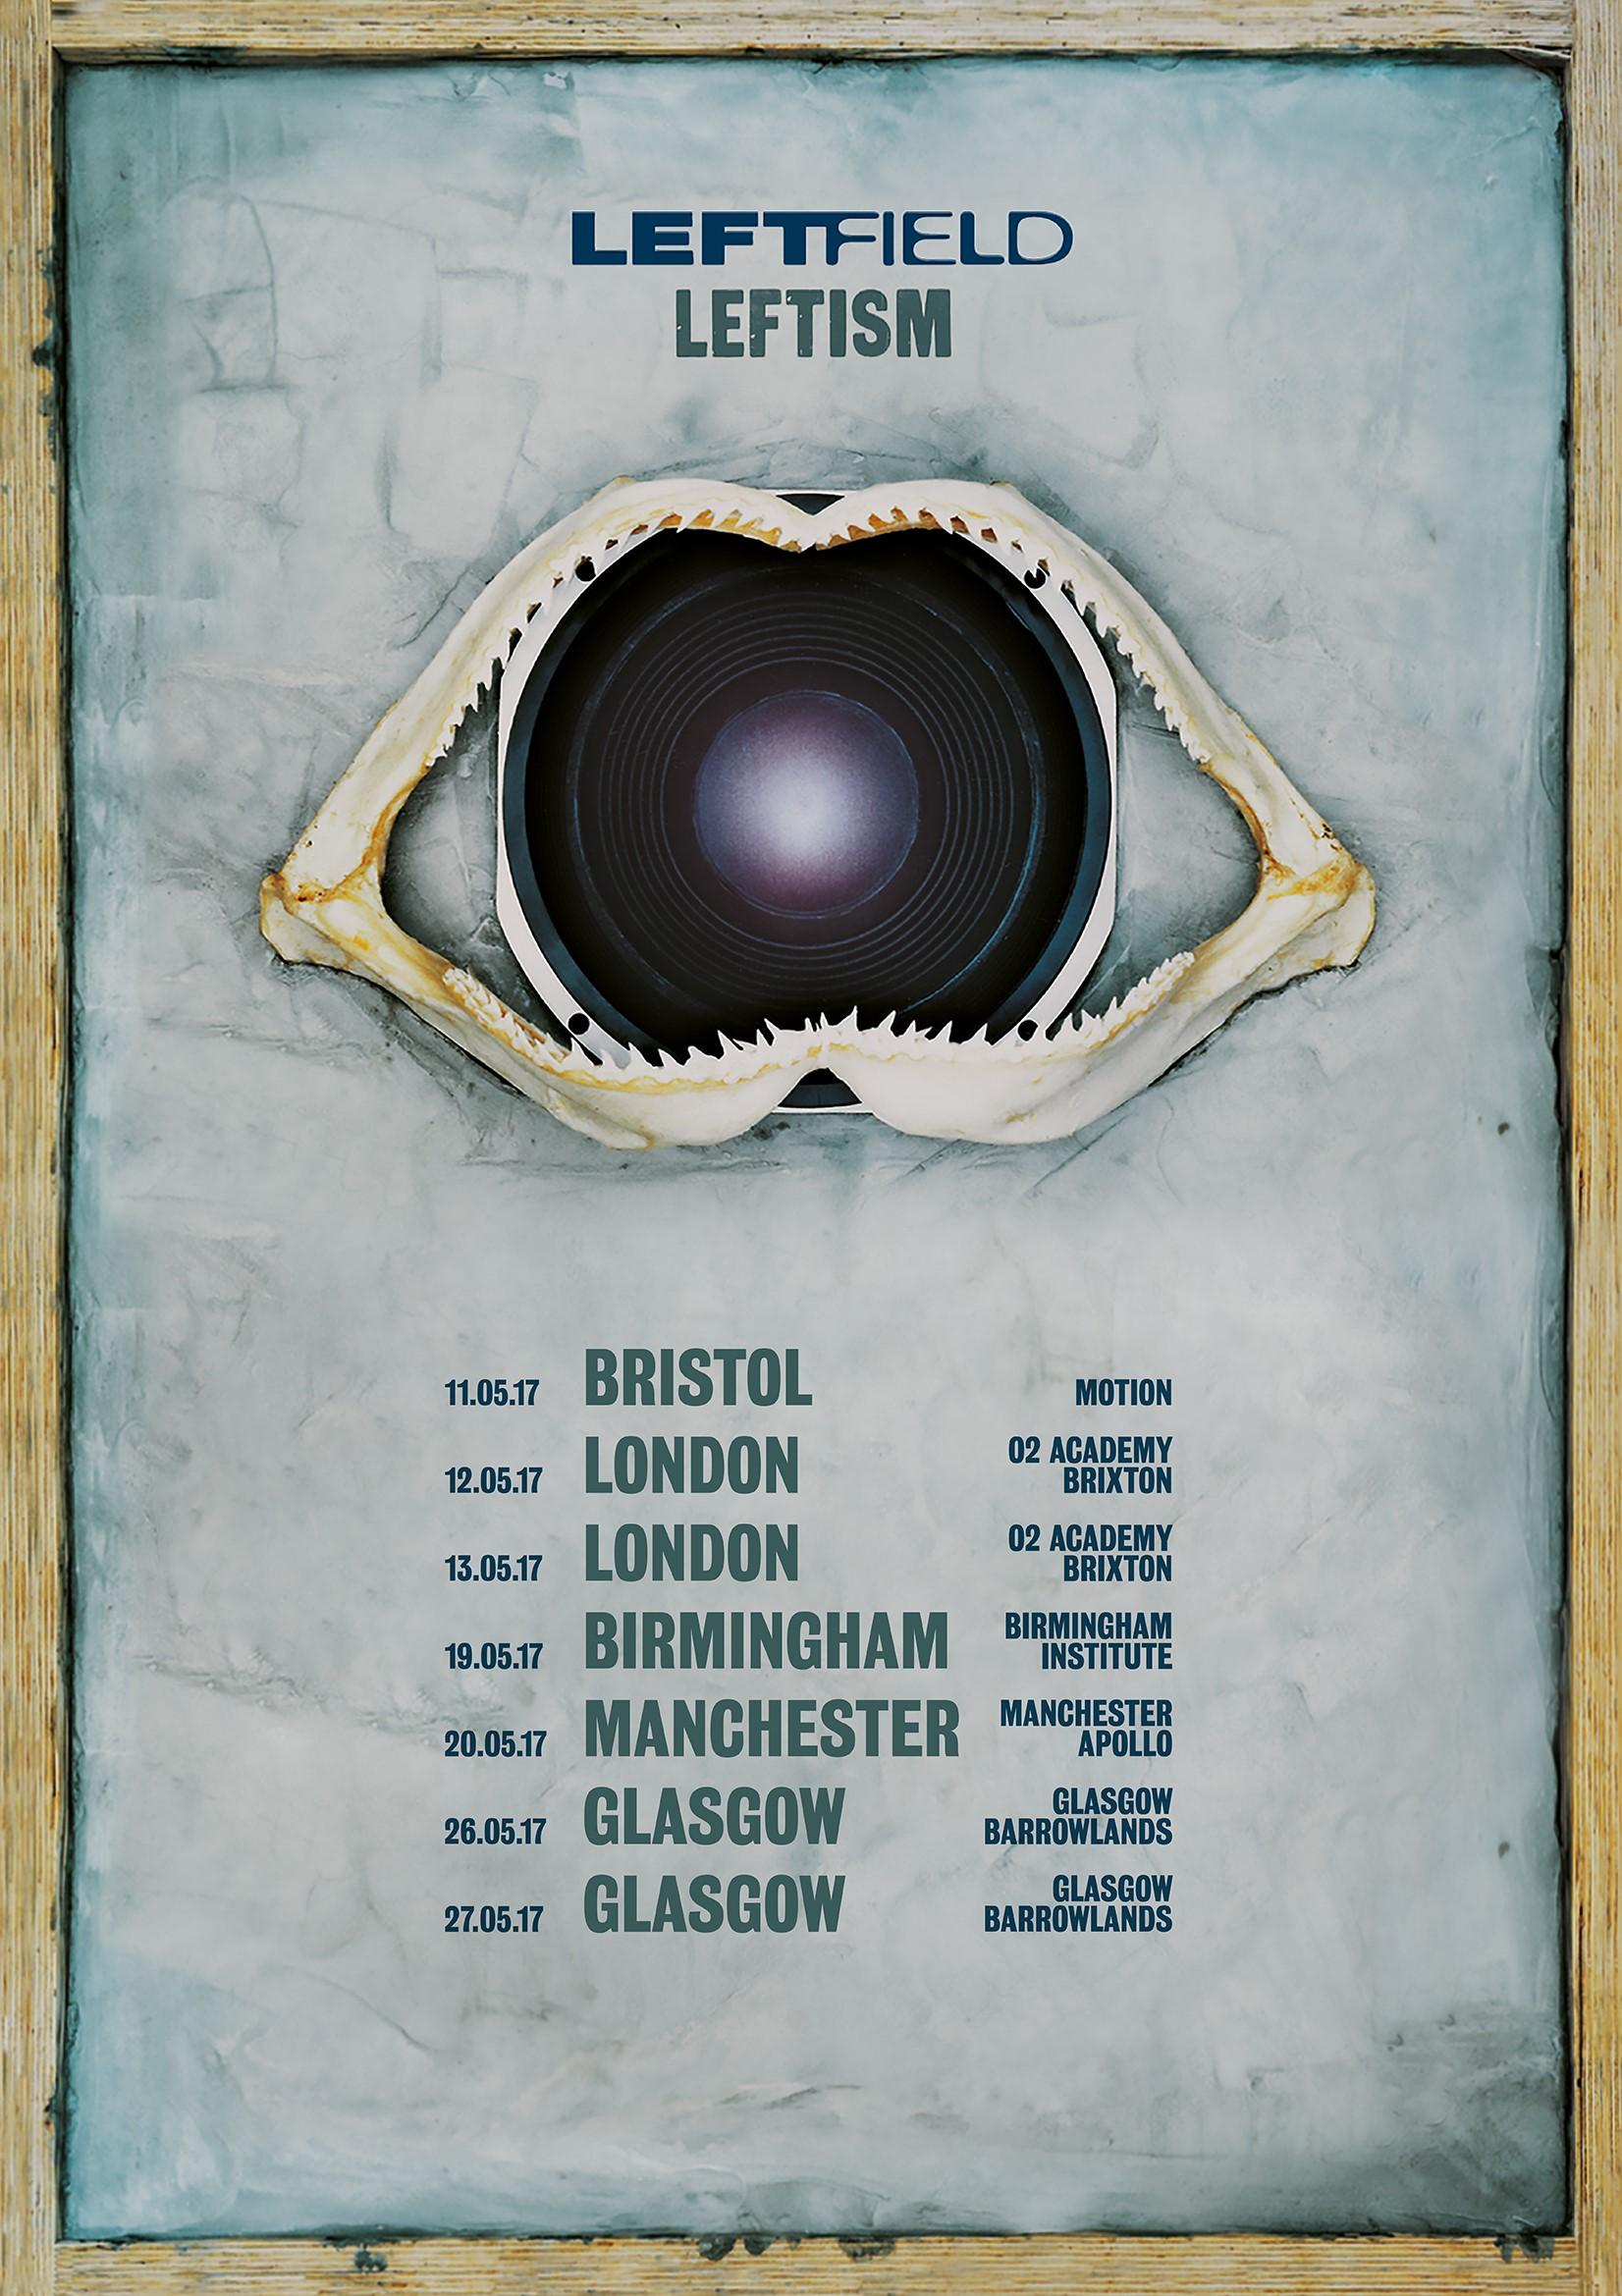 Leftism Tour – A2 LTD EDITION Numbered Litho Print - Leftfield